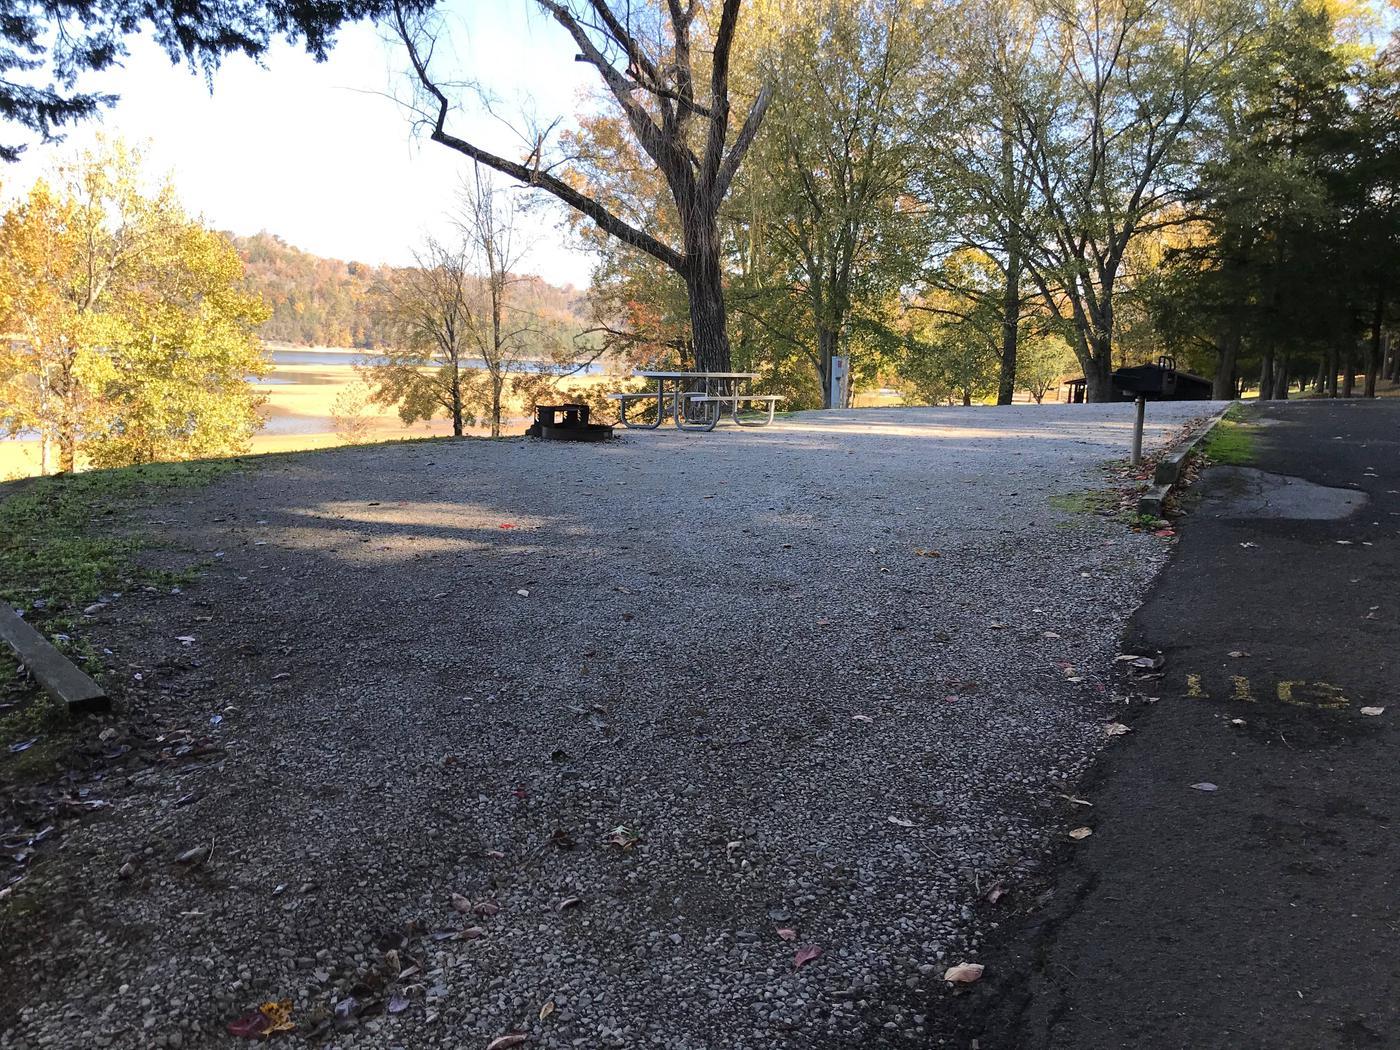 OBEY RIVER PARK SITE #116 PULL THRU ENTRANCEOBEY RIVER PARK SITE #116